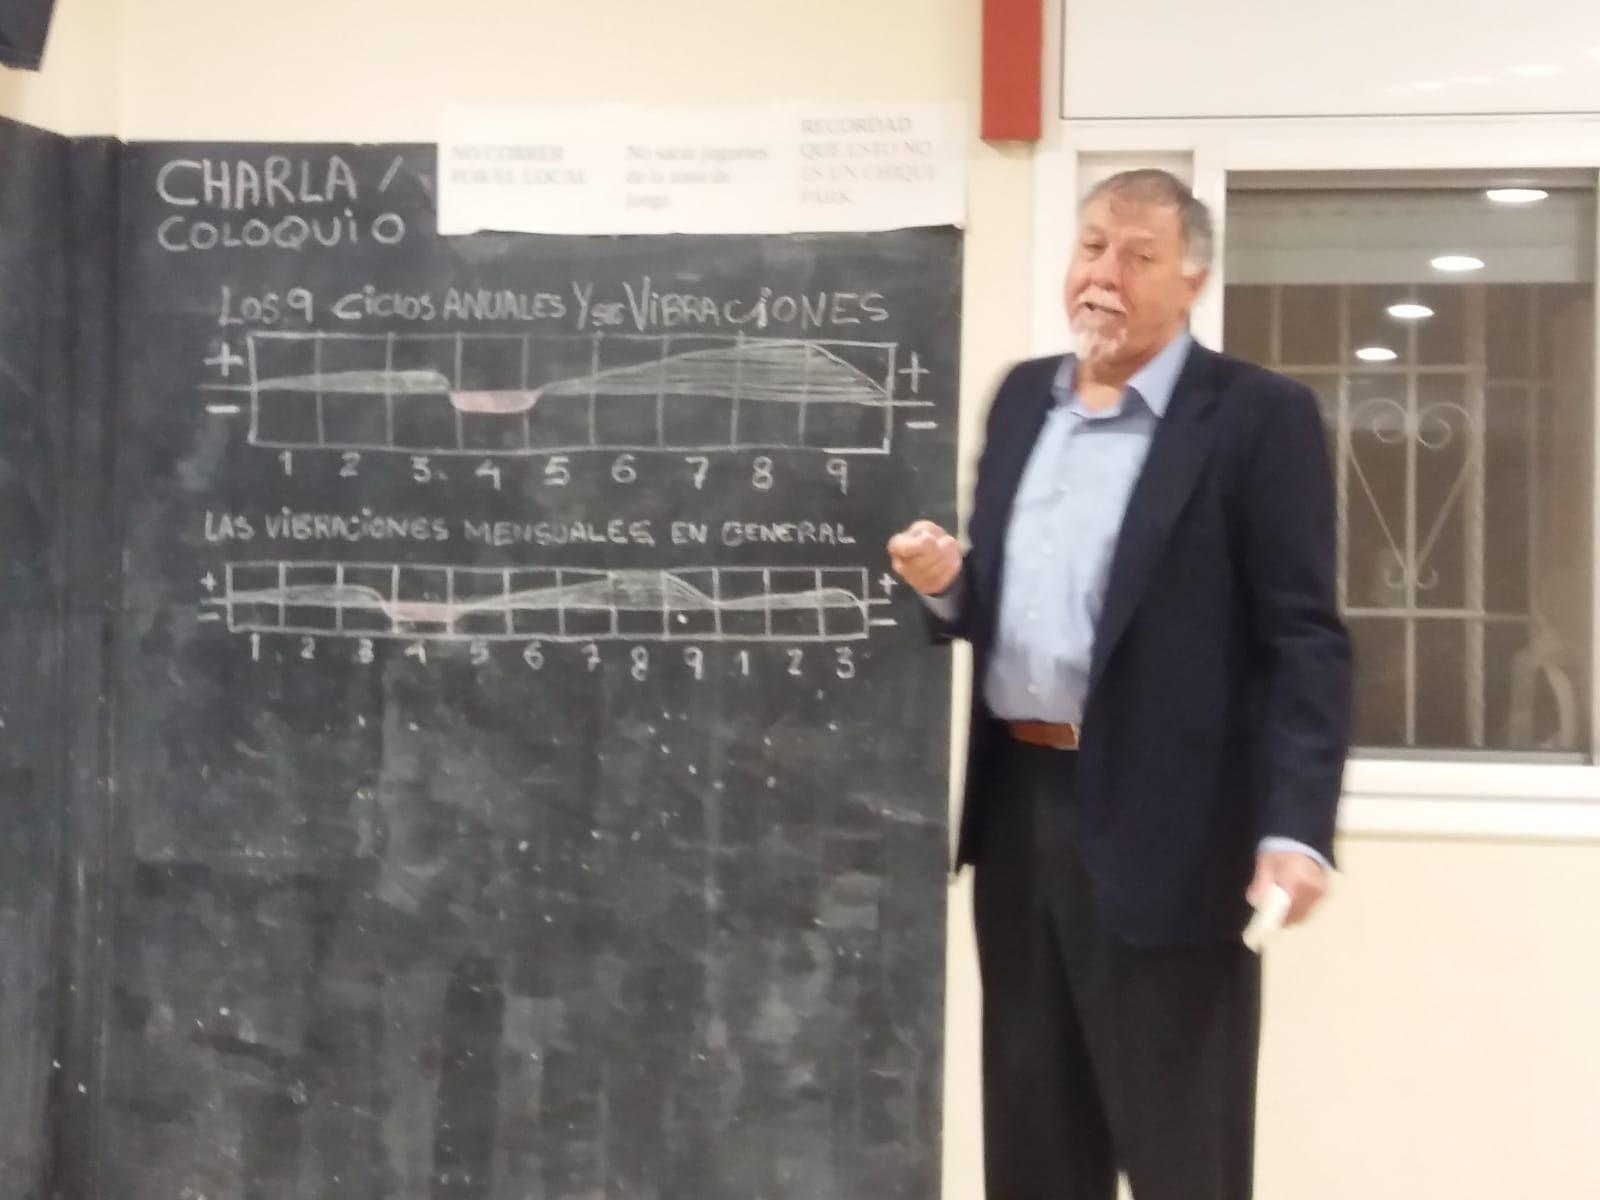 Foto 14 de Predicción matemática en Barcelona | Serland